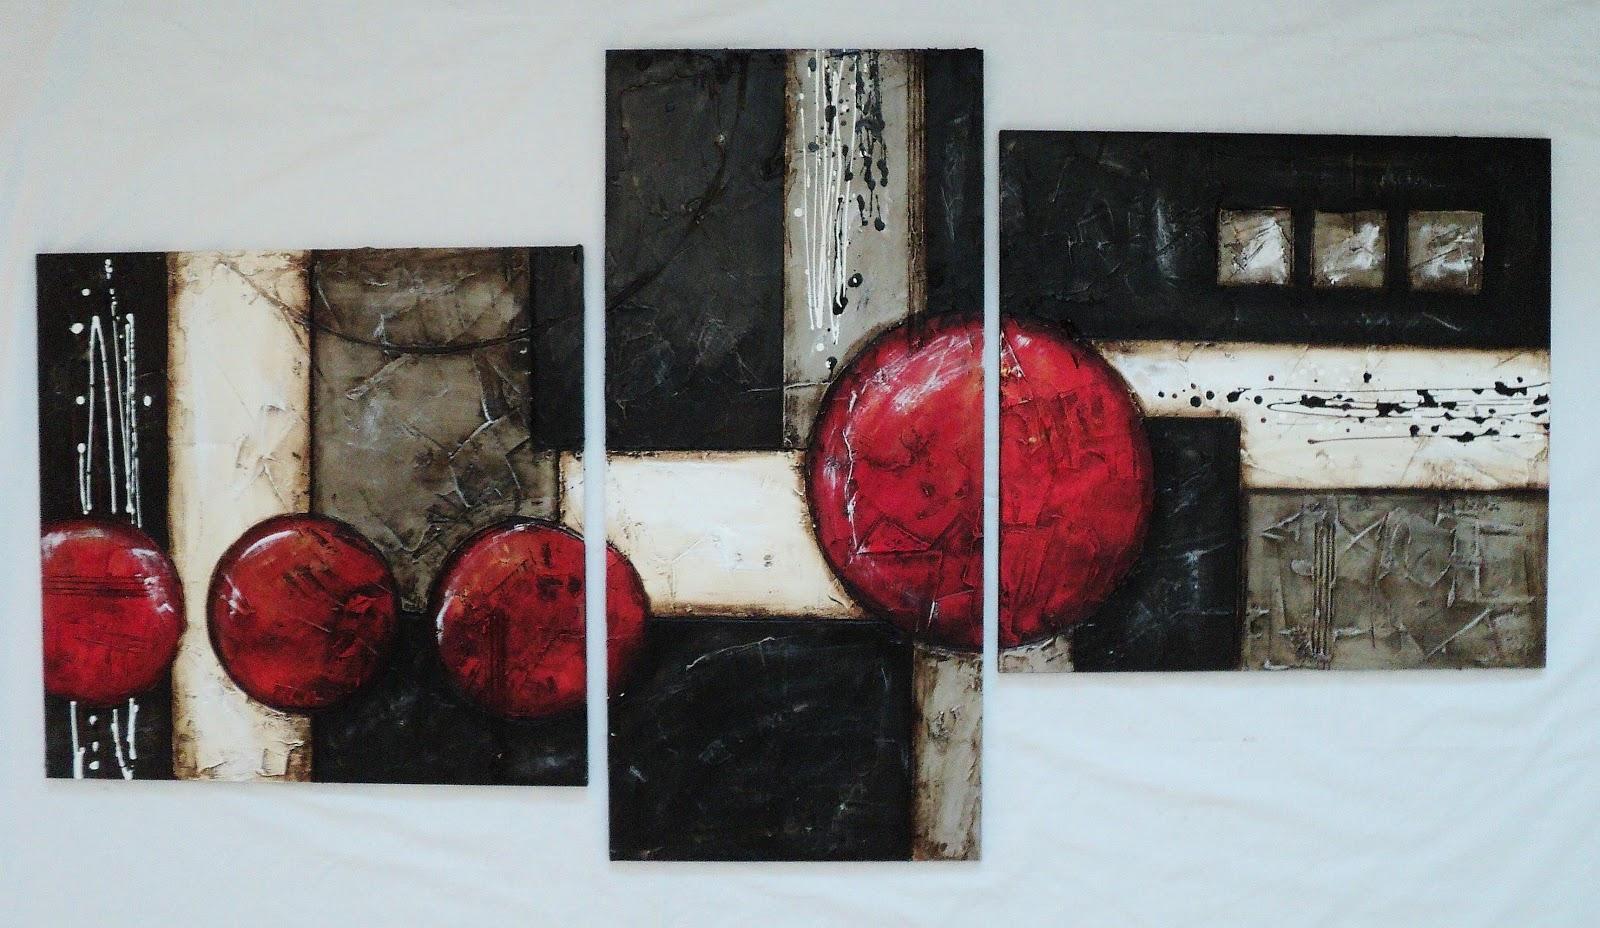 Cuadros en rojo y negro imagui - Cuadros abstractos relieve ...